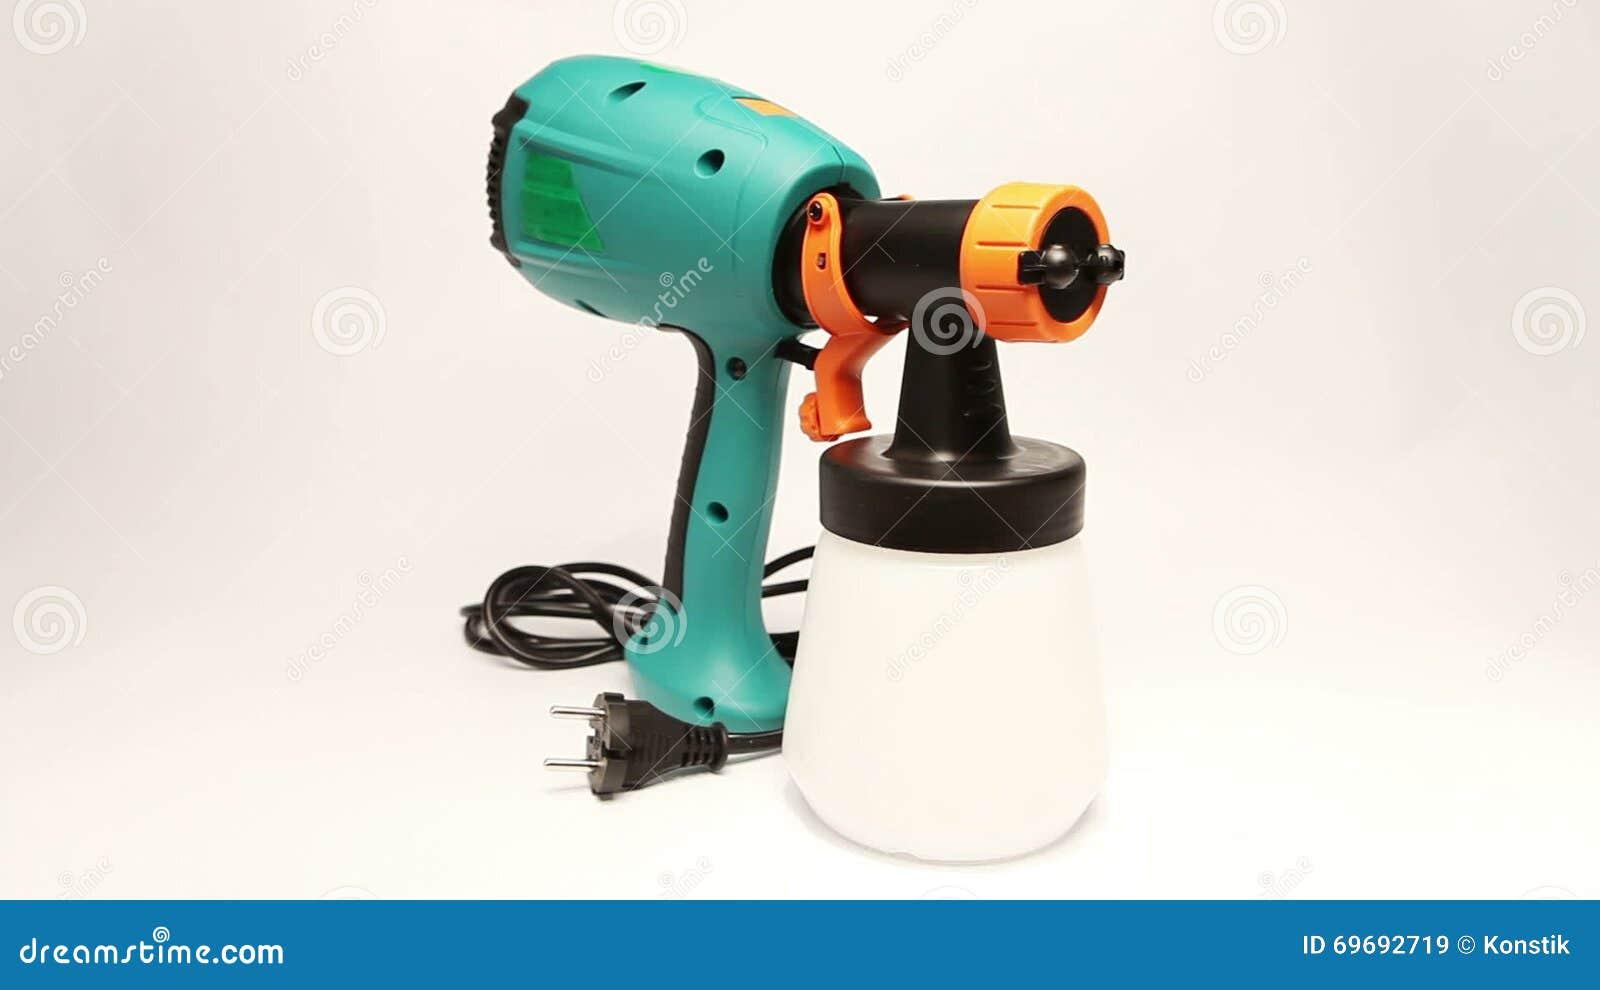 elektrische farbspritzpistole für färbung, für farbpulverisierung